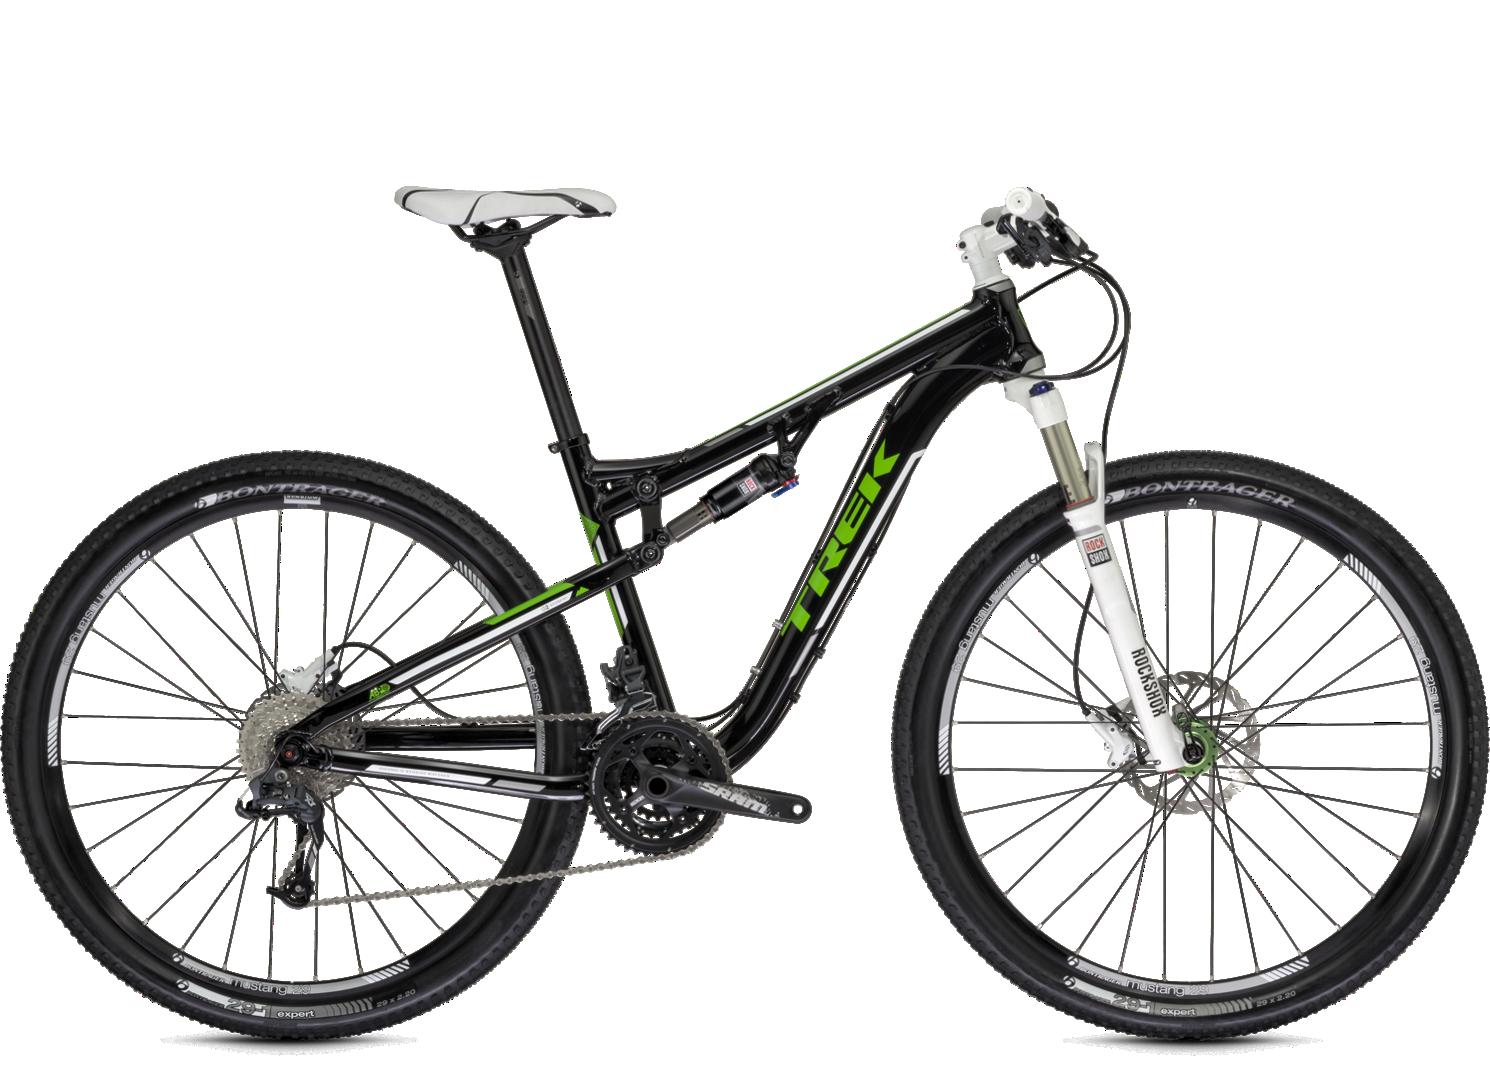 2013 Superfly 100 AL - Bike Archive - Trek Bicycle